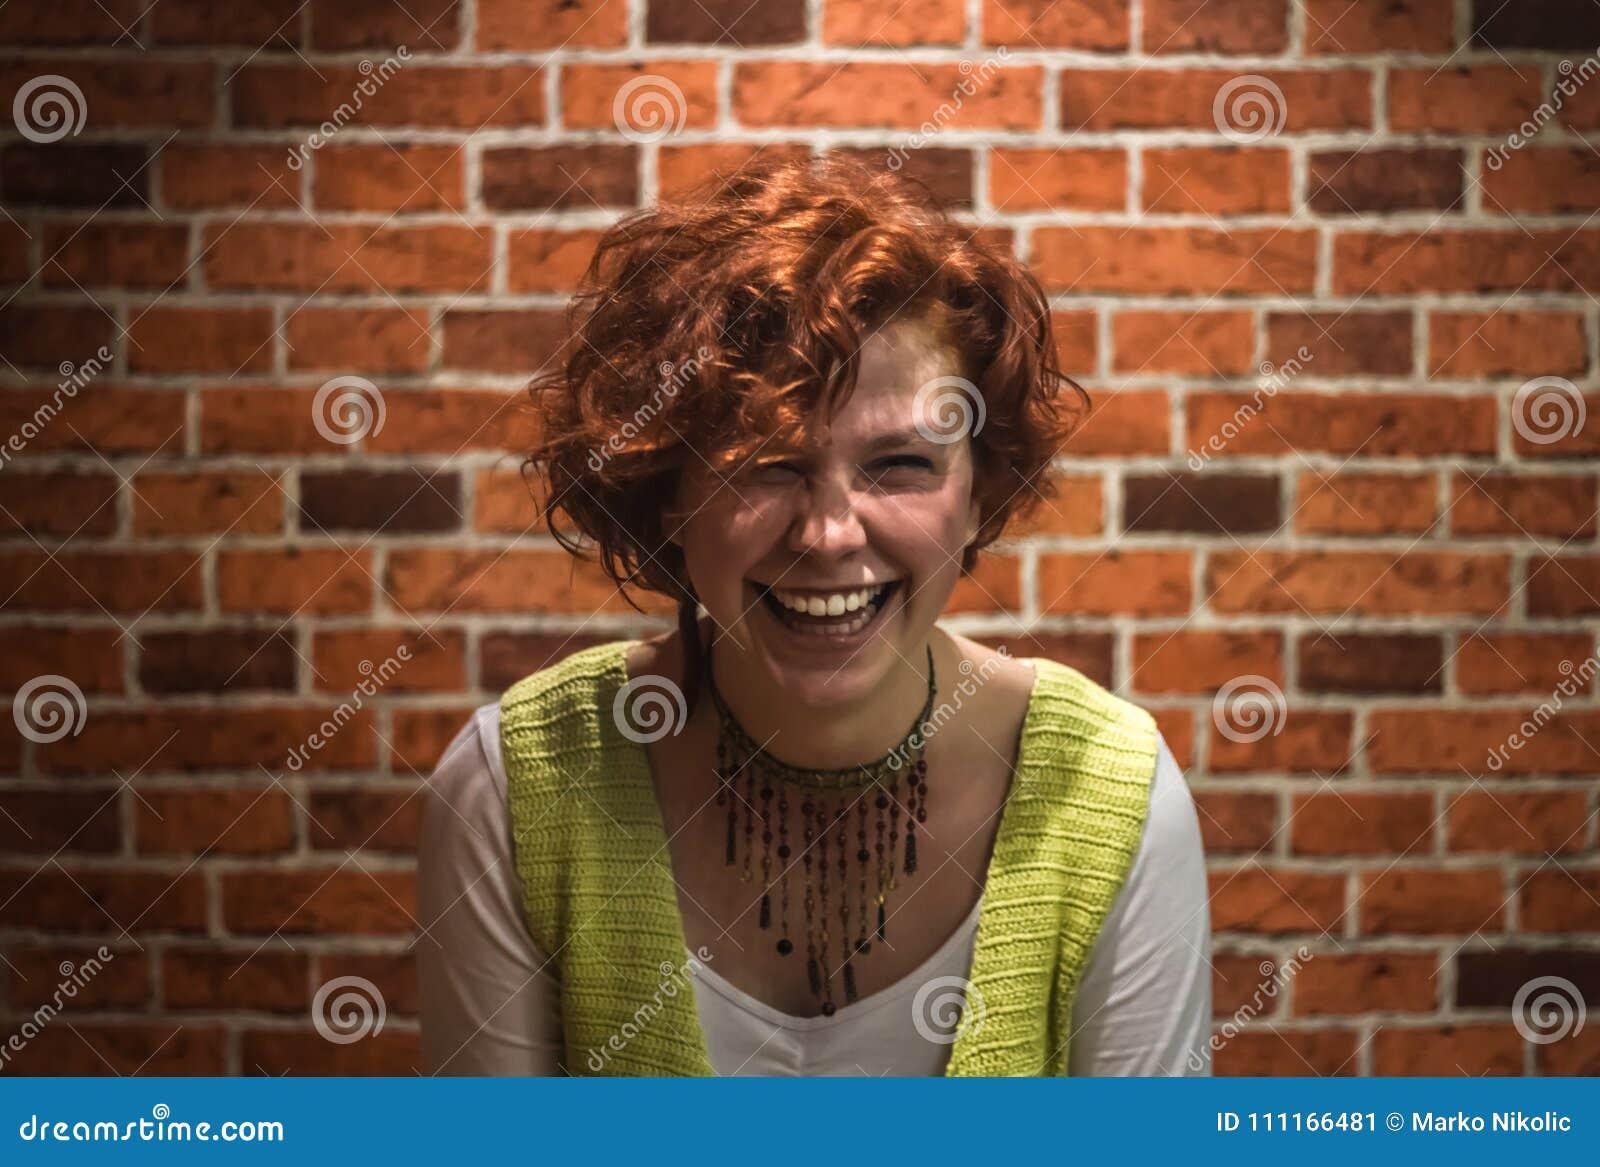 Portret van goed-lookin-goedmeisje met gember krullende haar en sproeten